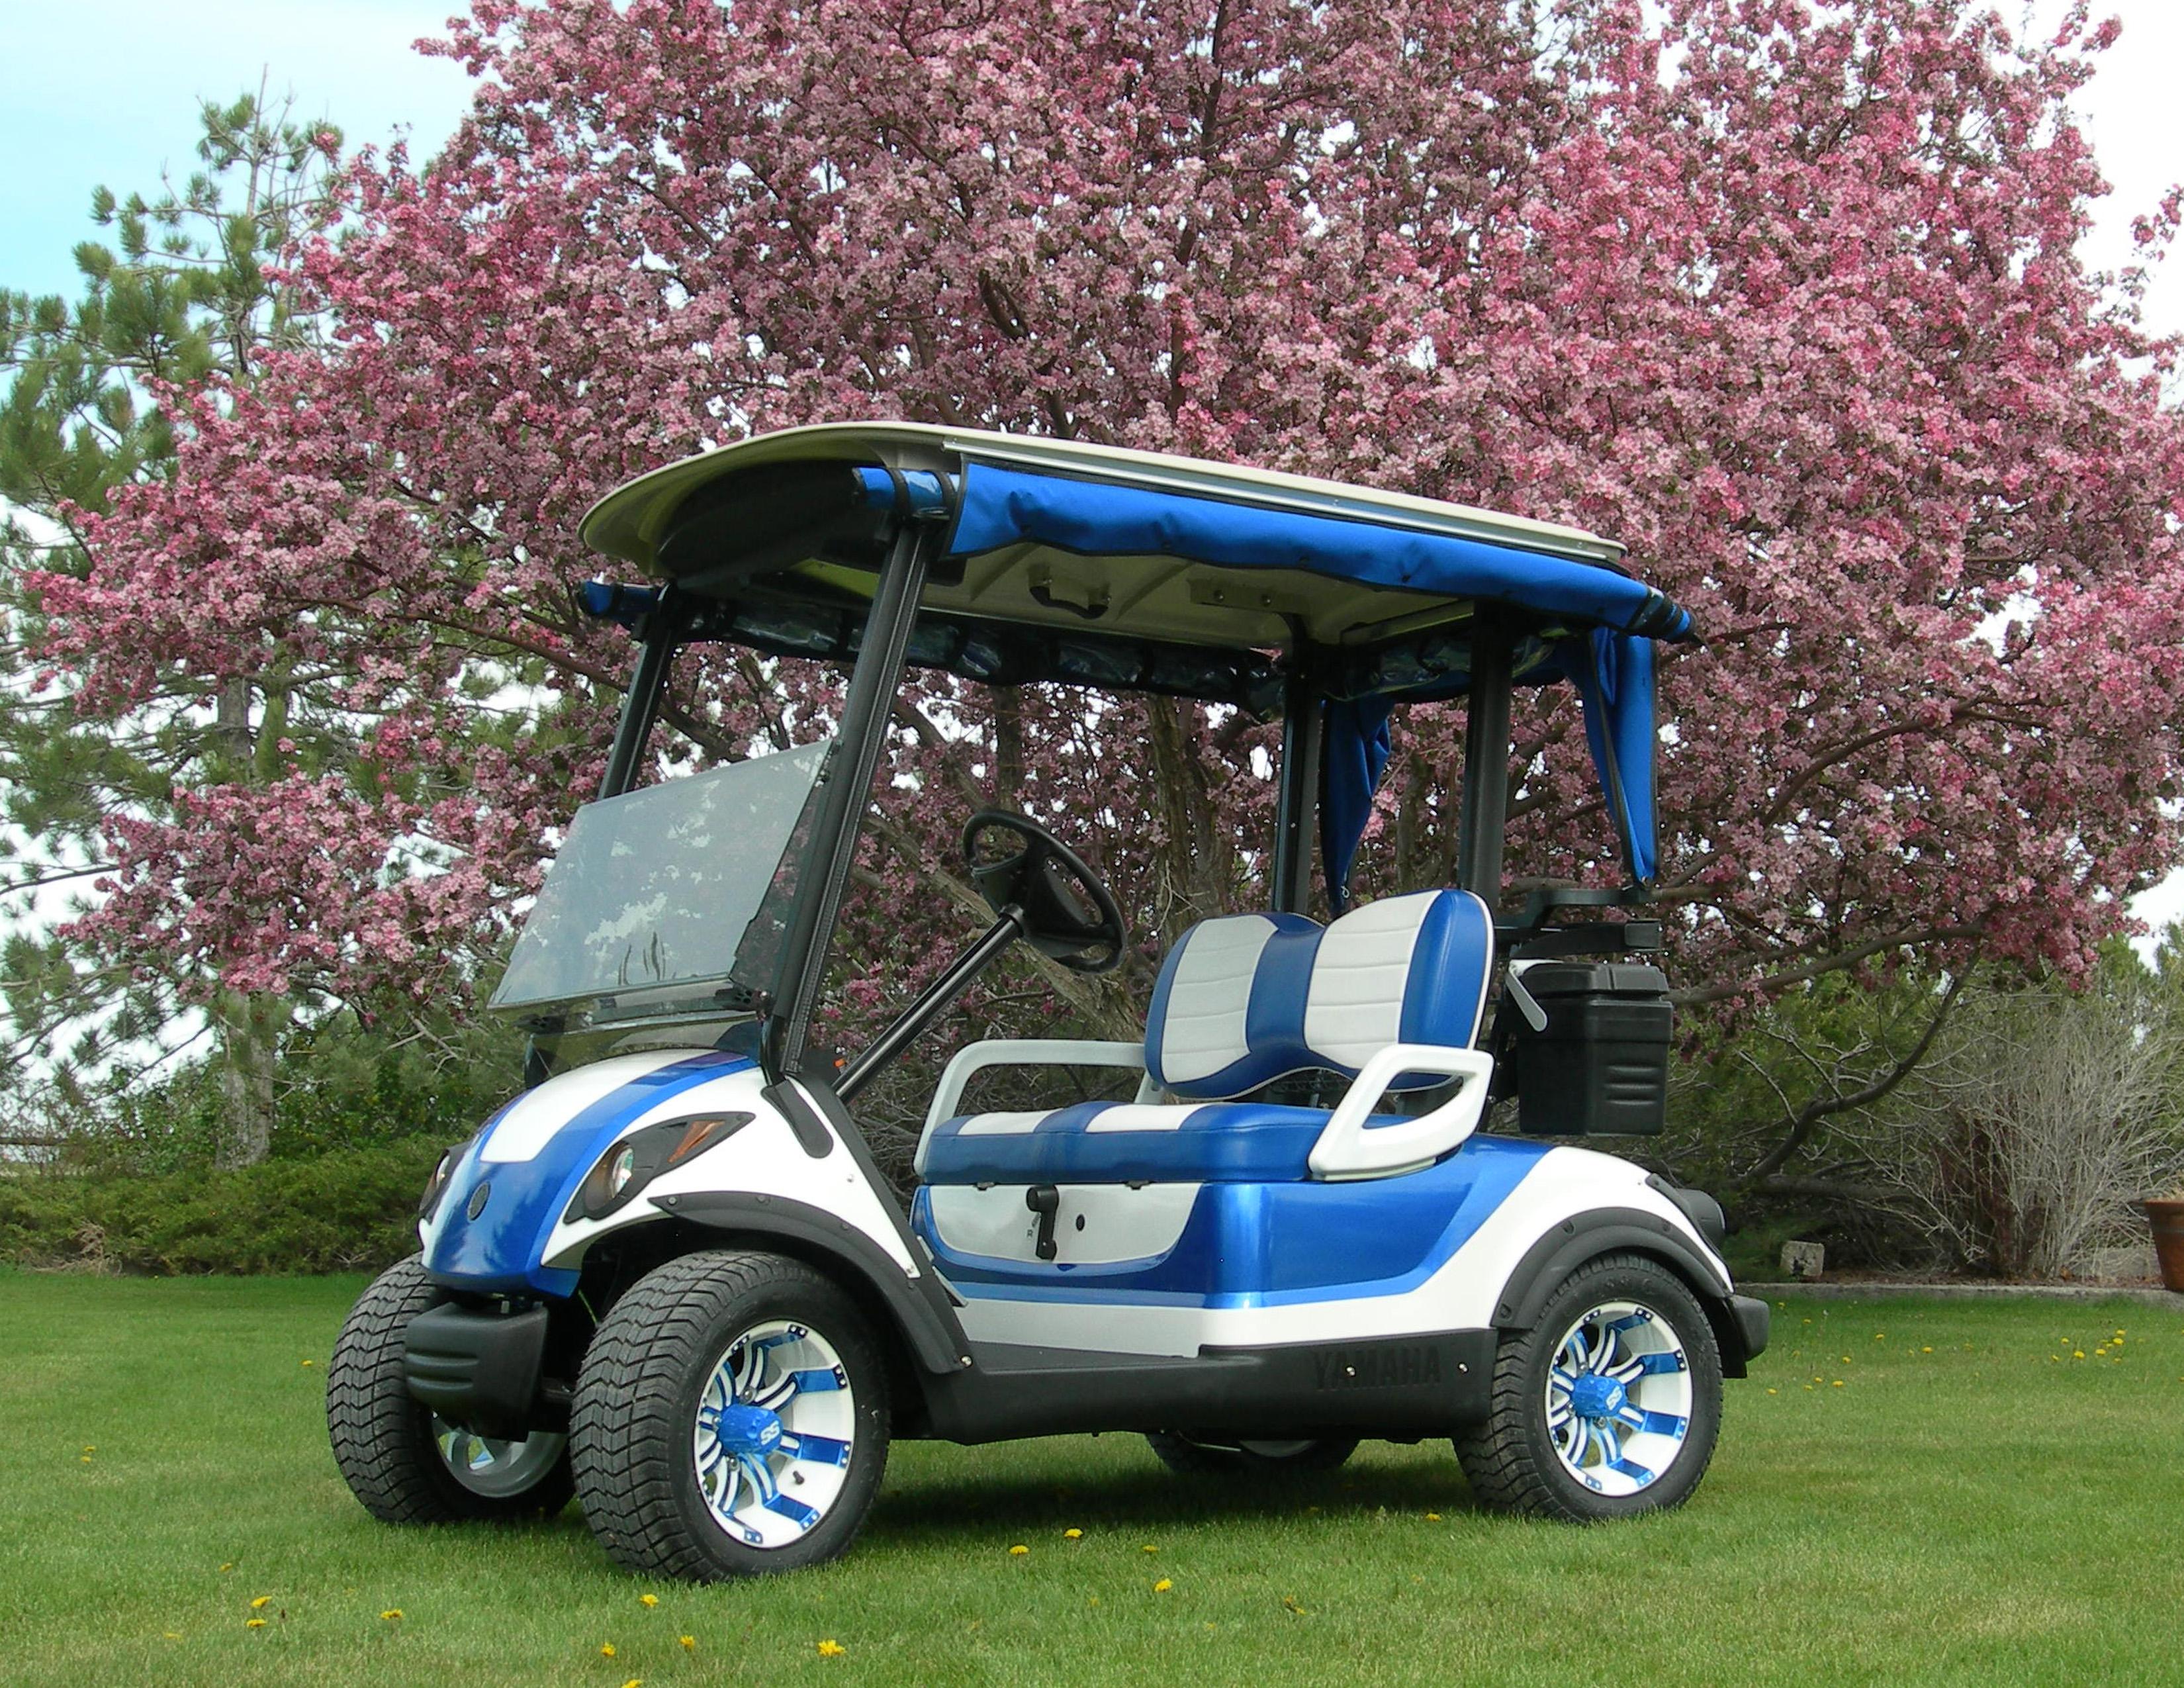 Big Sky Golf Cars Best of Show-Lexus Blue and White 1 – Golf Car Big Golf Cart on big golf discounts, big excavators, big dog cart, big storage, dough boyz custom carts, big max golf, big golf mats, two seater carts,